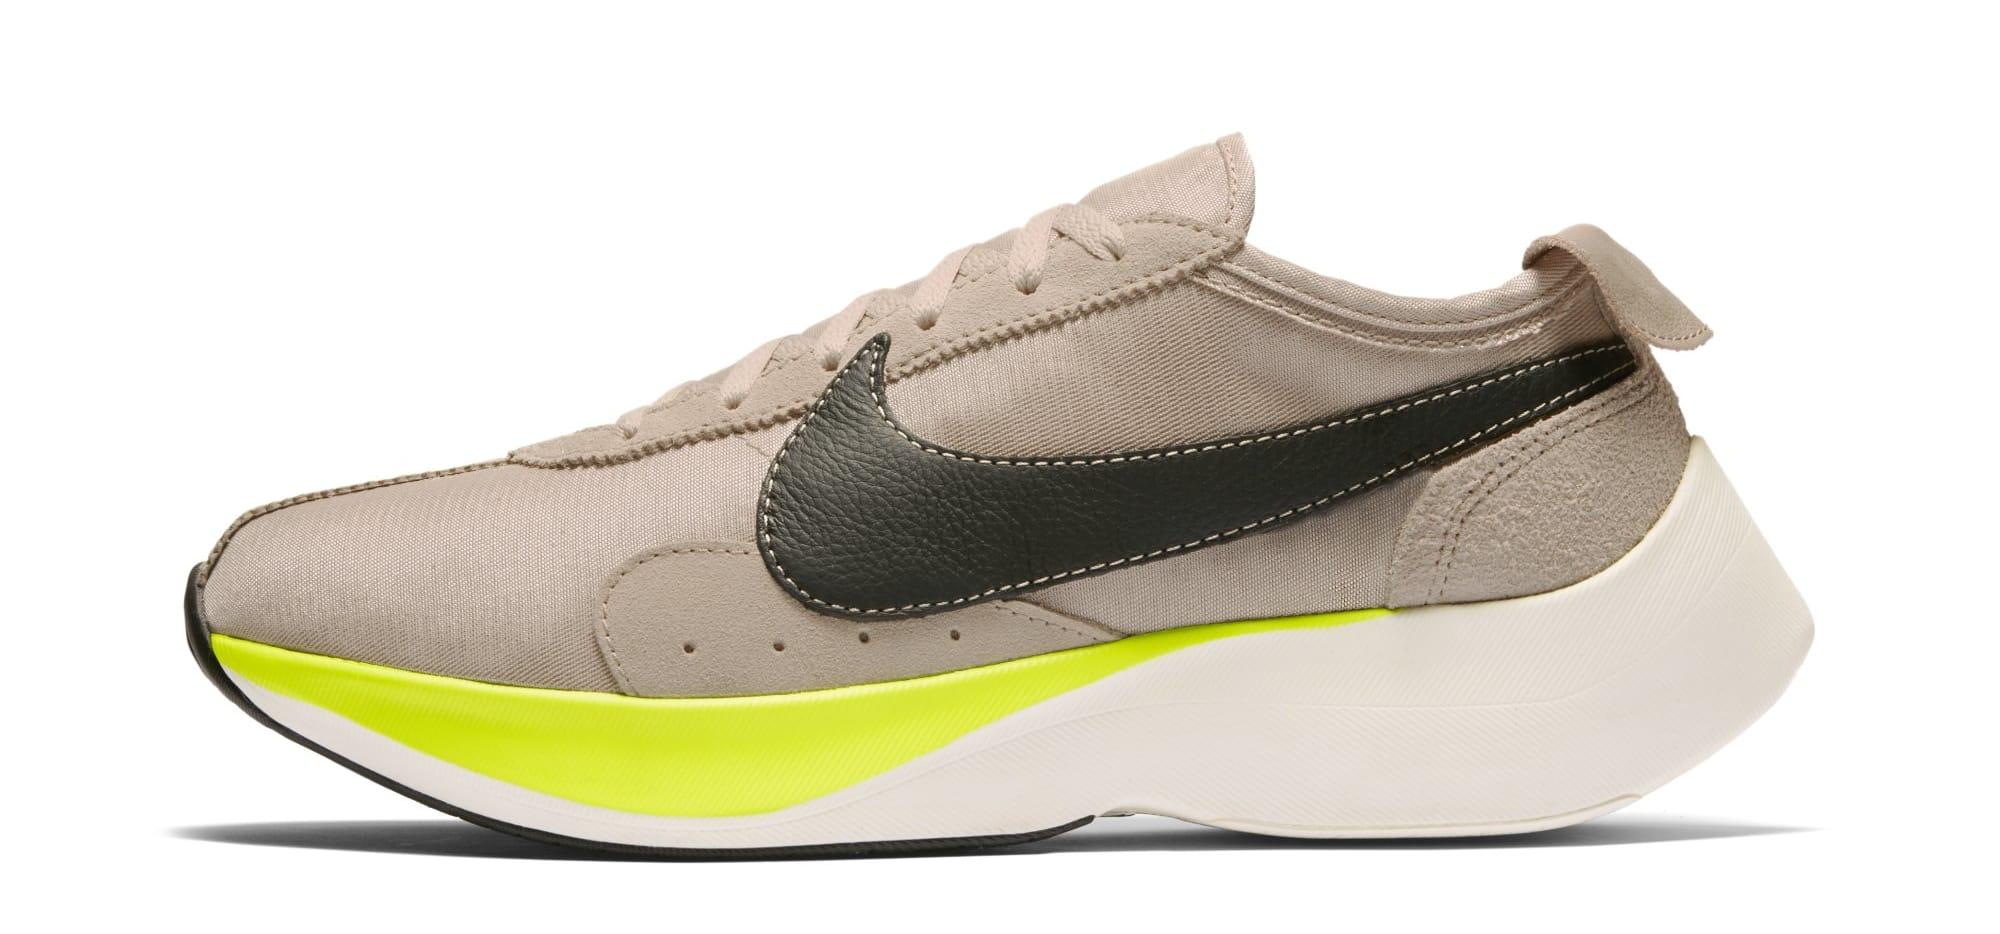 Nike Moon Racer 'Black/Sail/Volt' AQ4121-200 (Lateral)